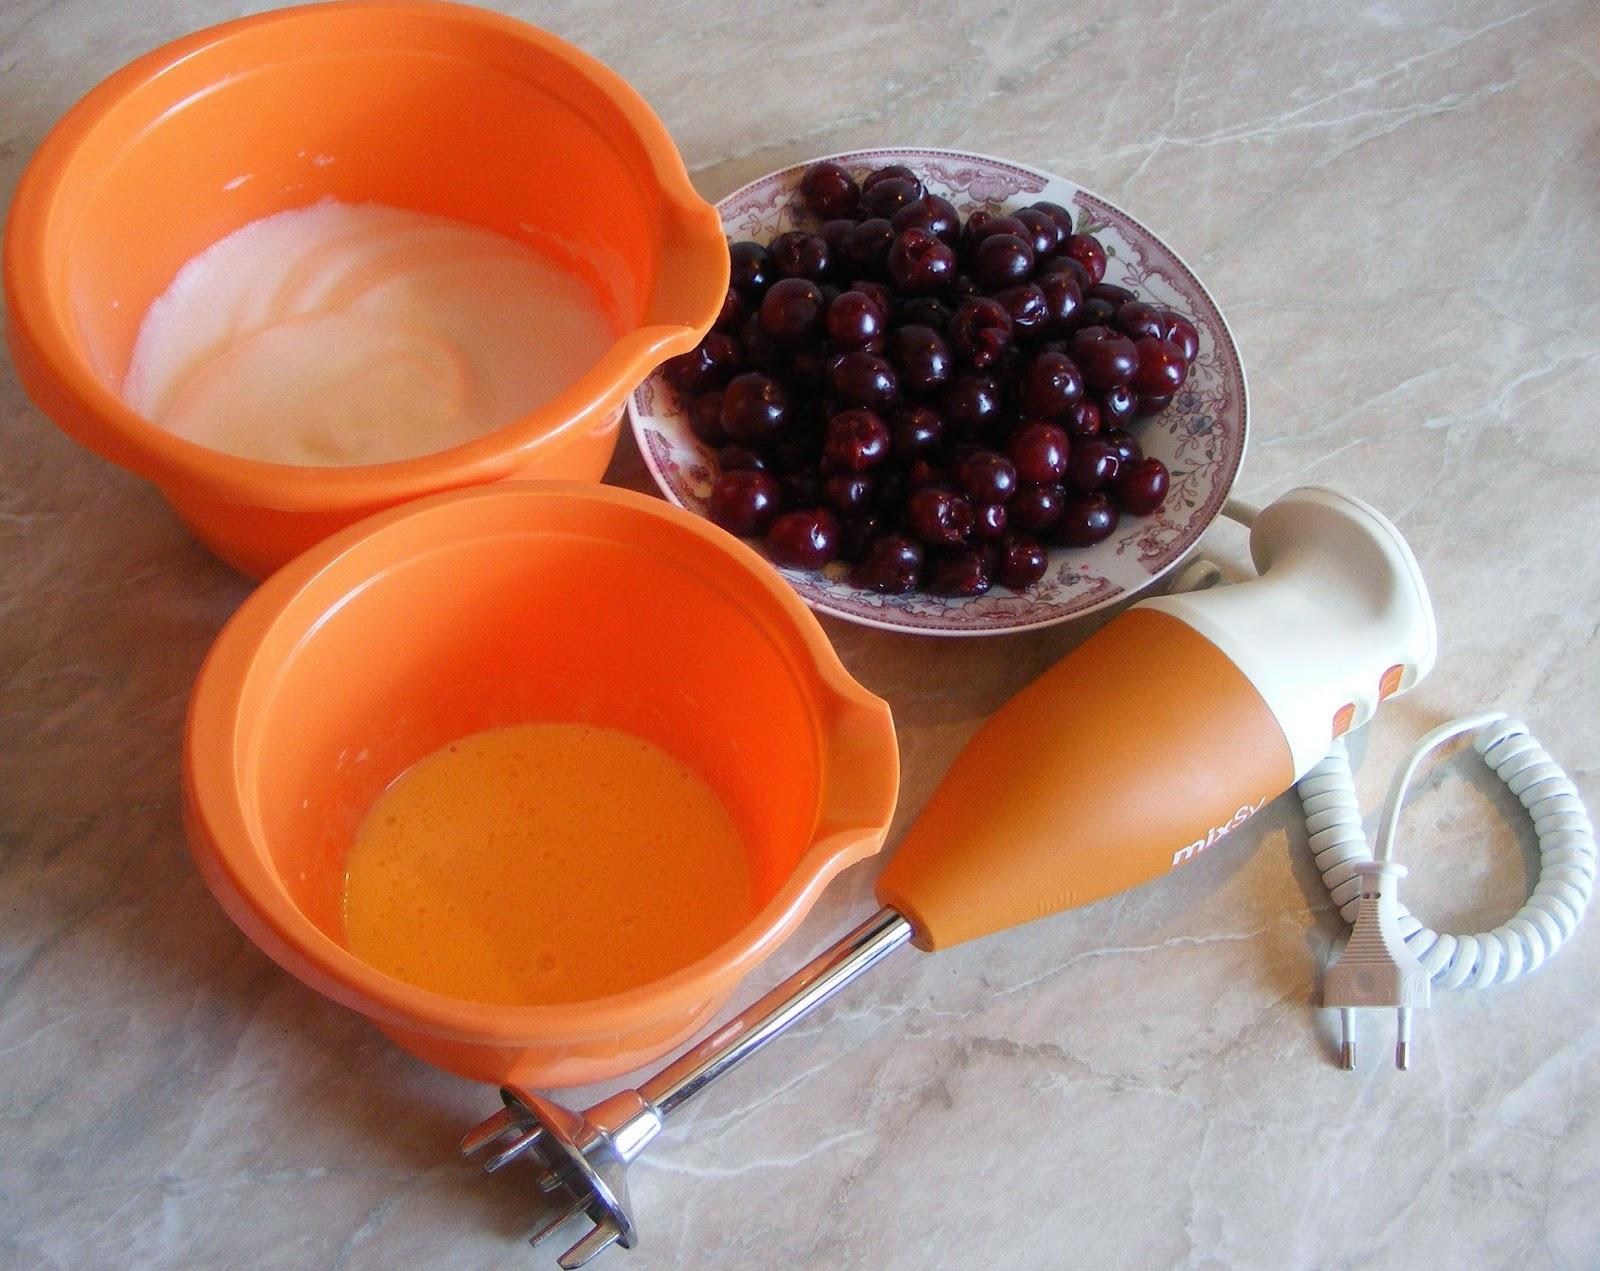 ingrediente pentru tarta cu fructe, ingrediente pentru tarta cu visine, cum se prepara tarta cu fructe, cum facem tarta cu visine, retete si preparate culinare dulciuri si prajituri cu fructe, retete zepter,